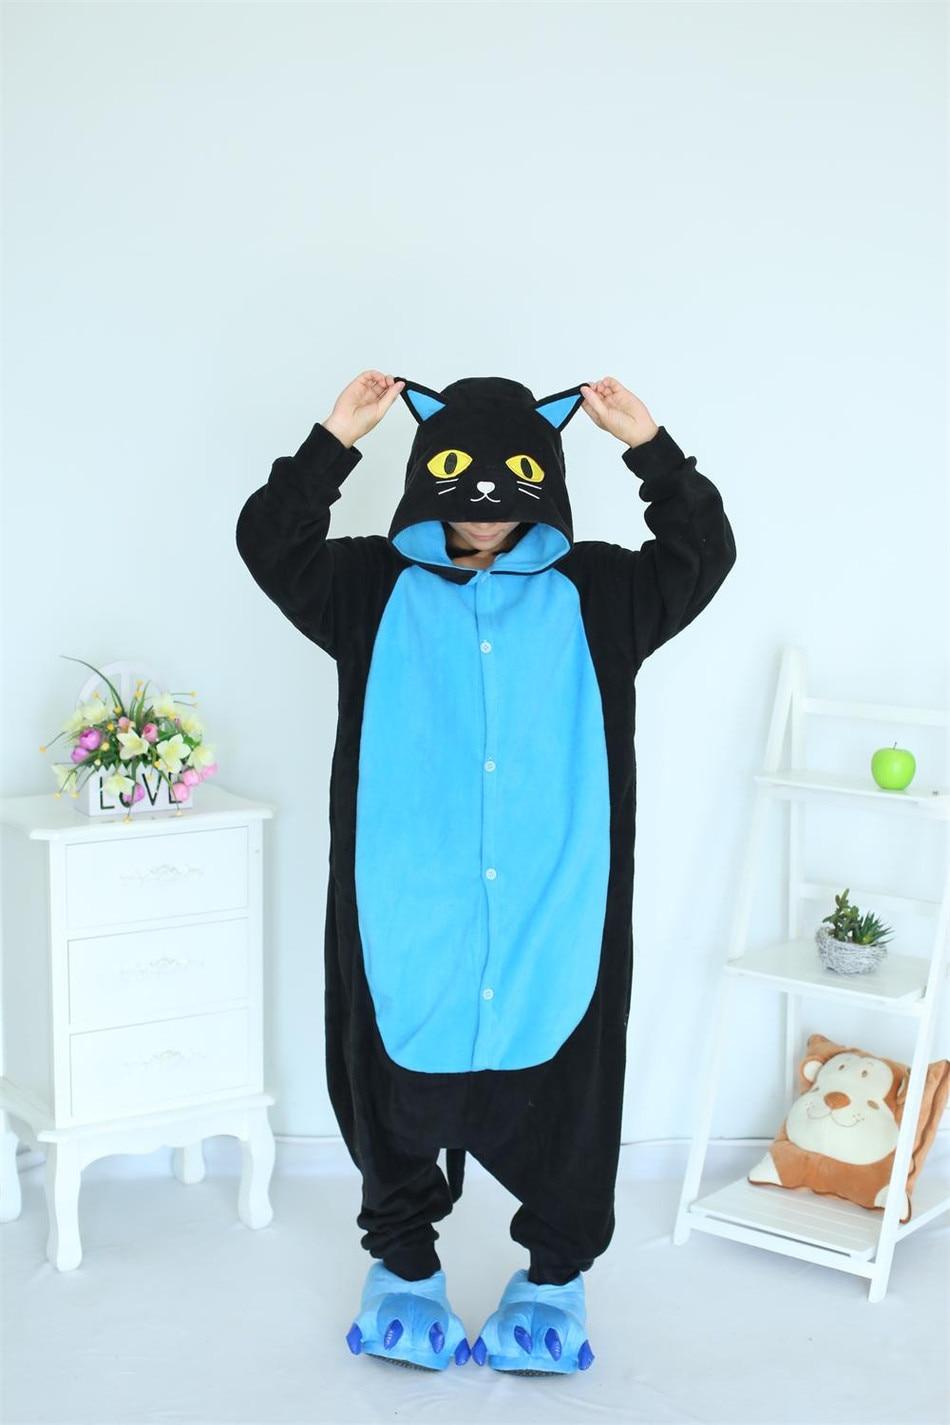 Cosplay kostiumas Midnight Cat Onesies Black Cat pižamos Unisex suaugusiems pižama kostiumams Animal Onesie